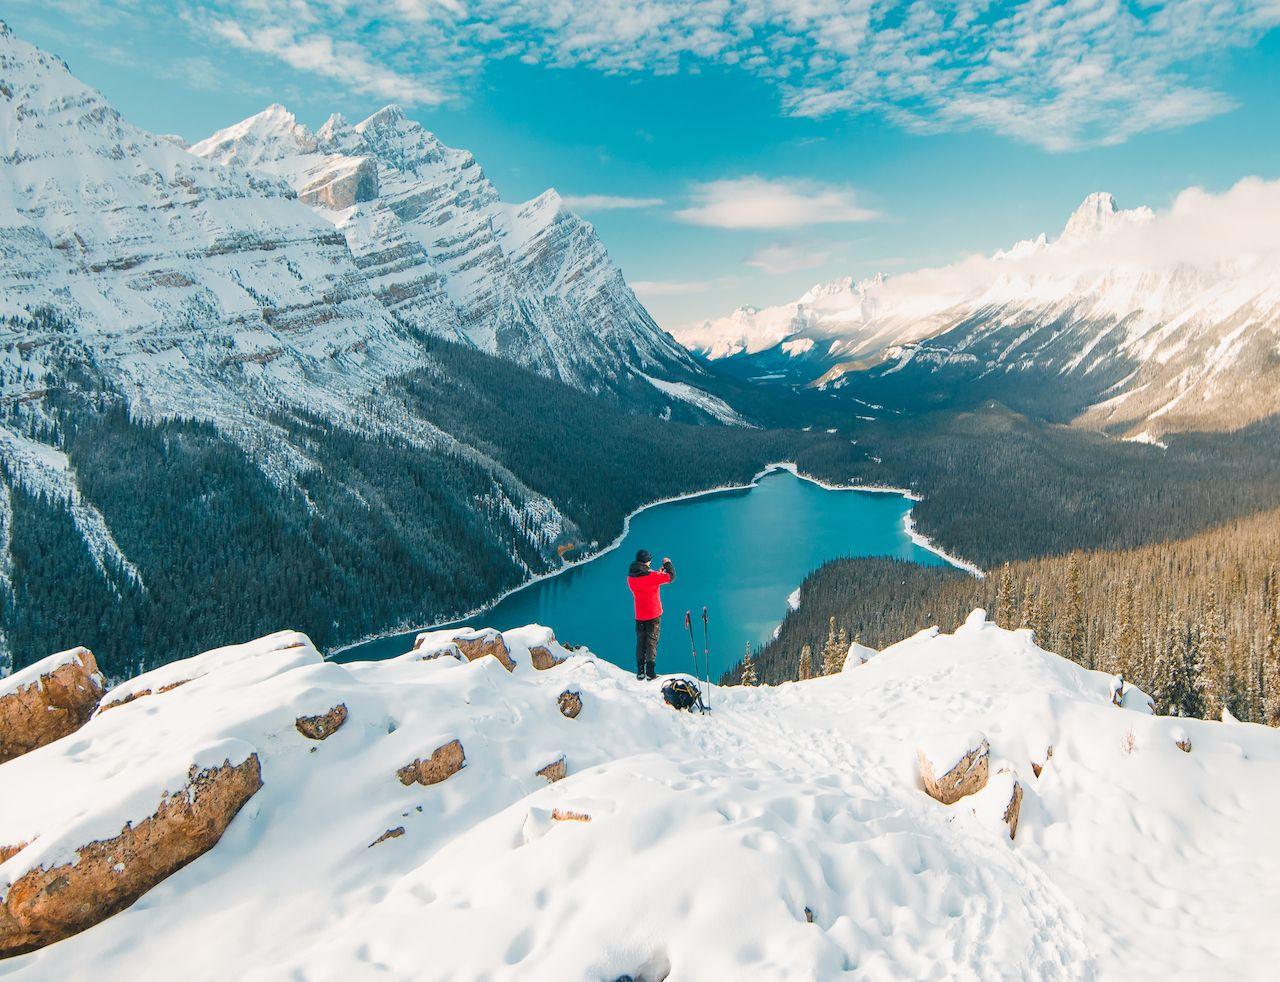 The best winter activities in Banff